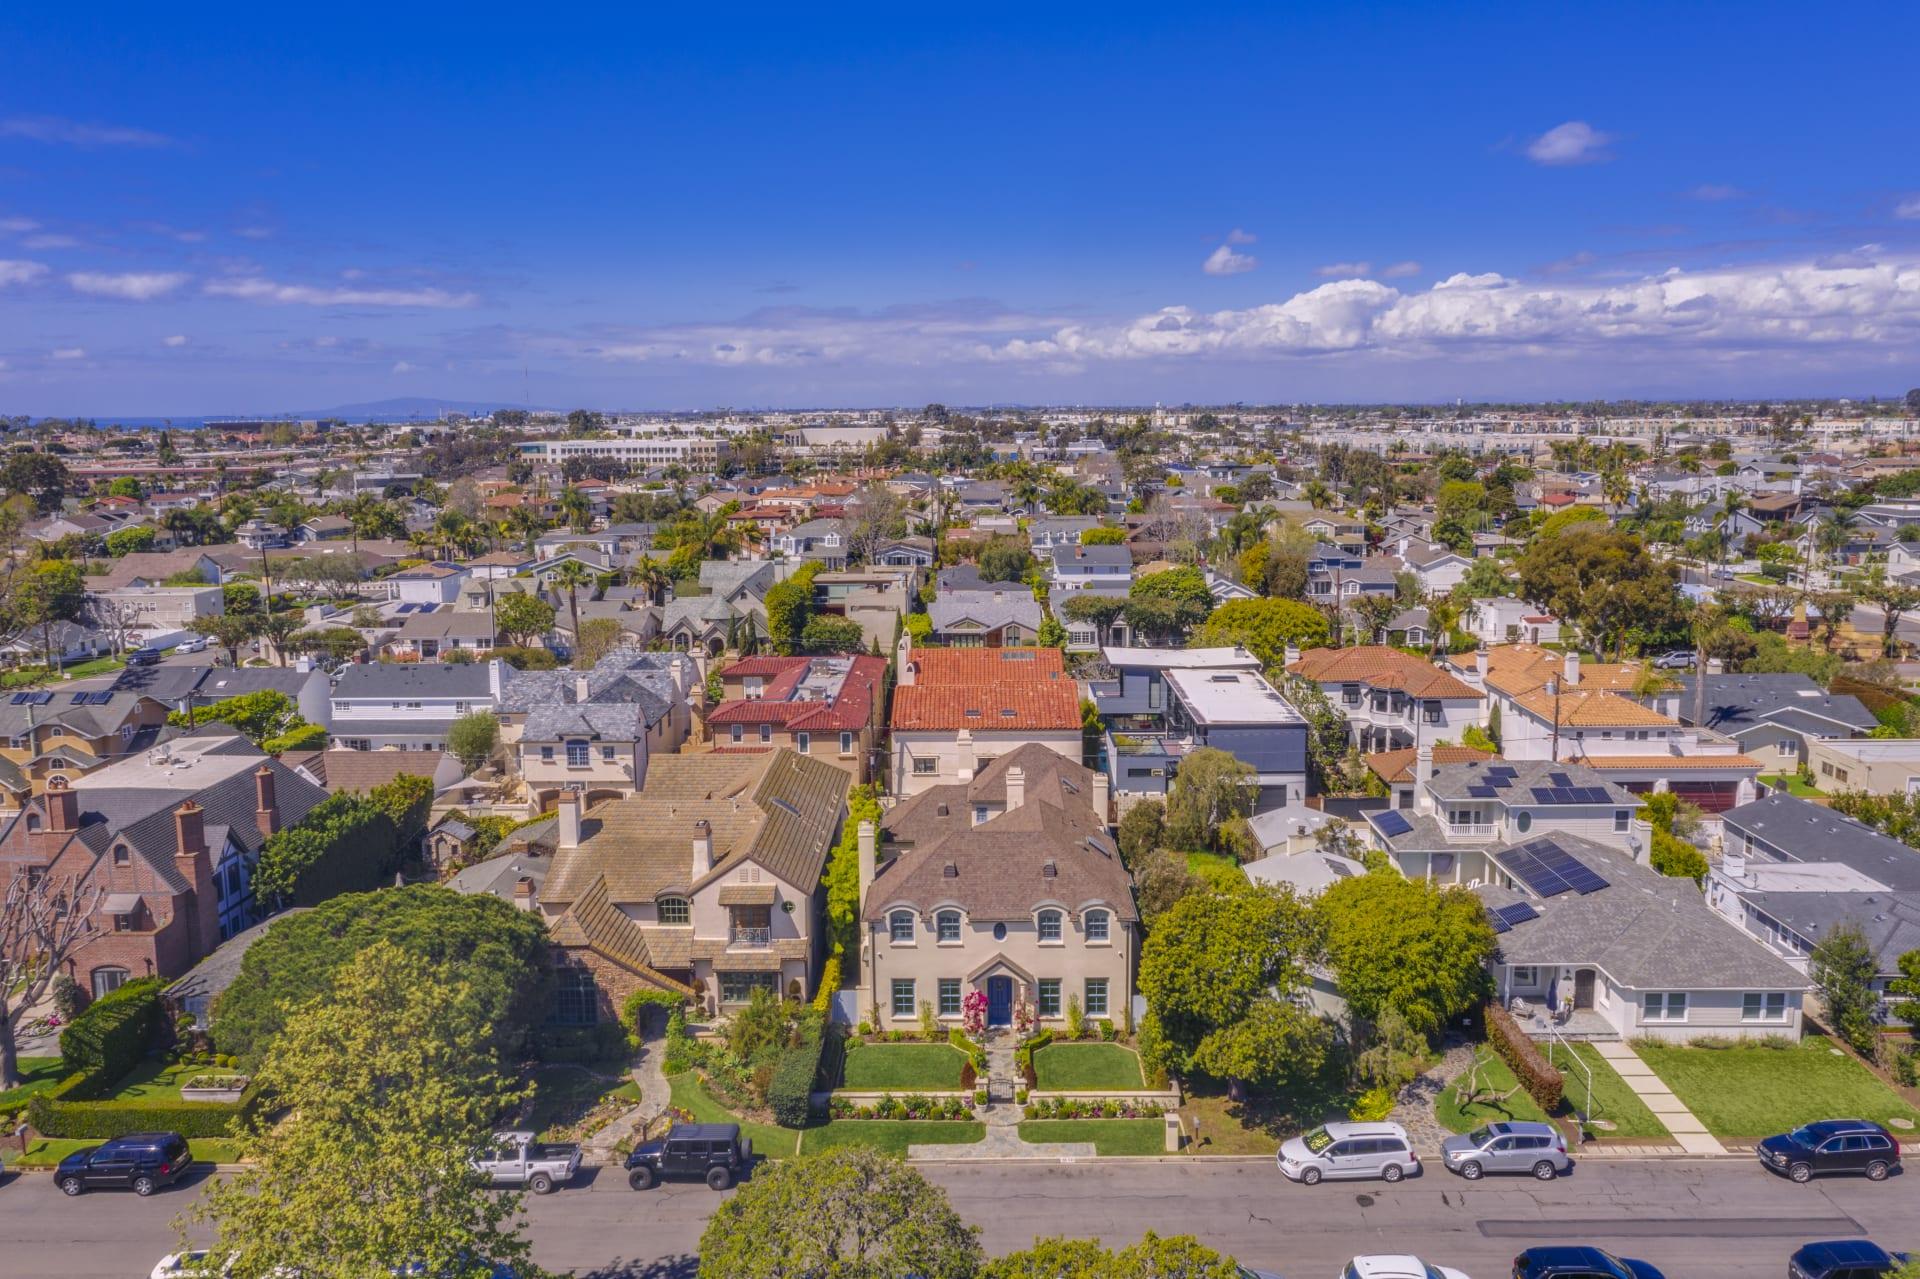 521 San Bernardino photo